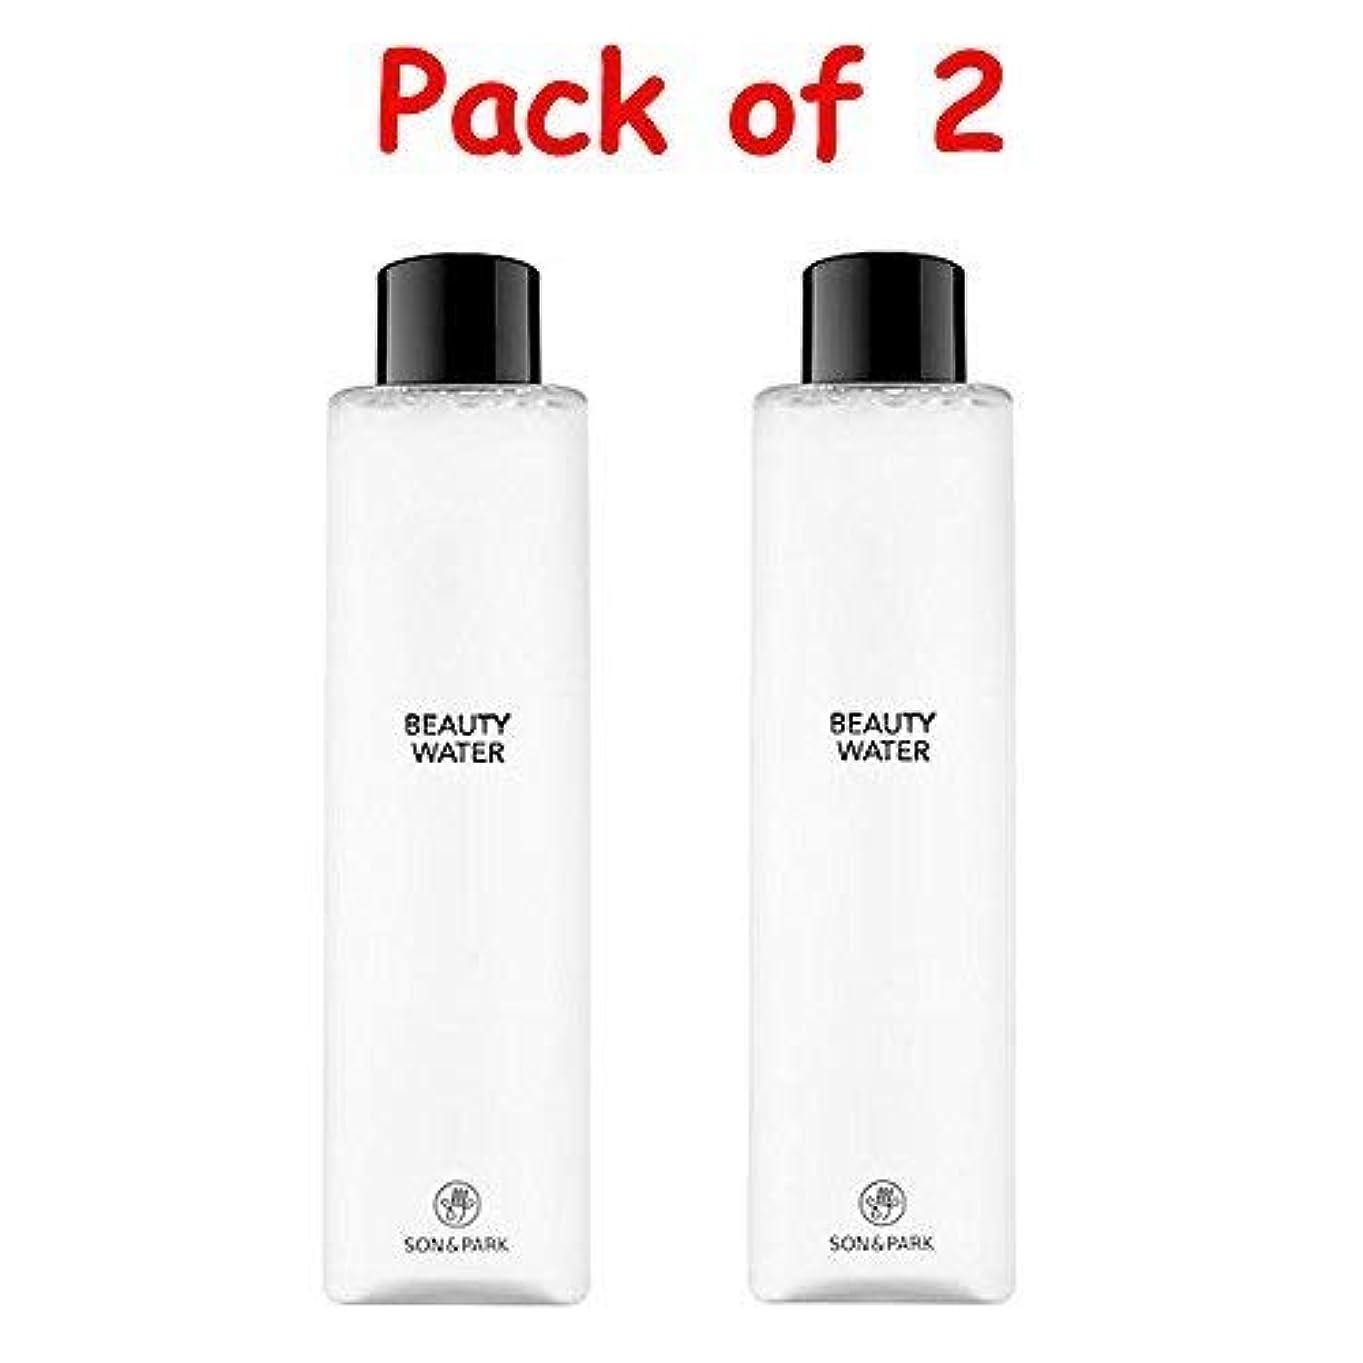 膿瘍ふつうおばあさん★1+1 Sale★[SON & PARK]Beauty Water 340ml (Pack of 2) /[ソン & パク] ビューティー ウォーター 340ml (1+1)